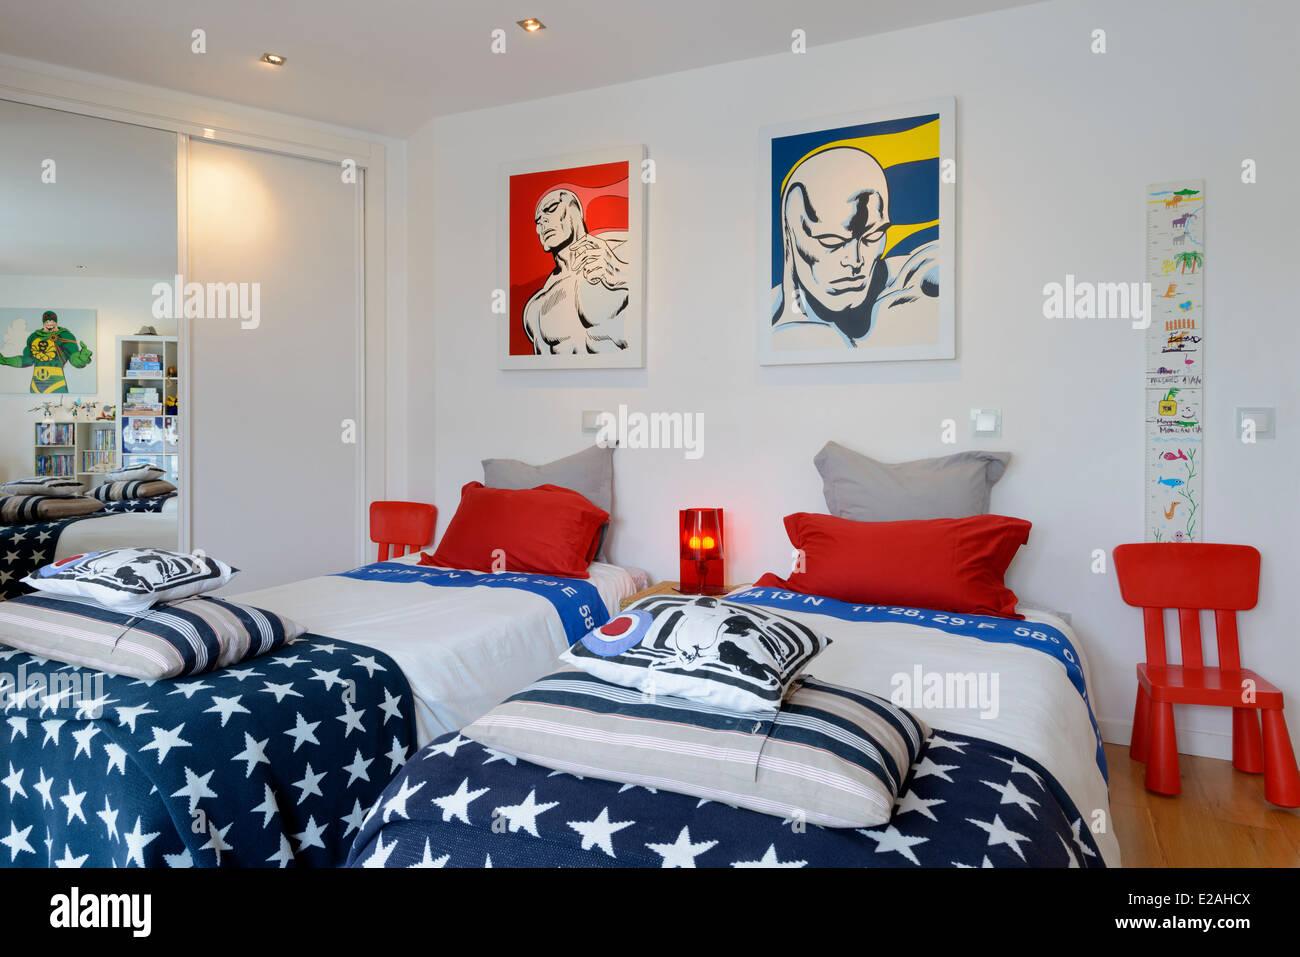 Kinderzimmer mit zwei Betten Stockfoto, Bild: 70303994 - Alamy